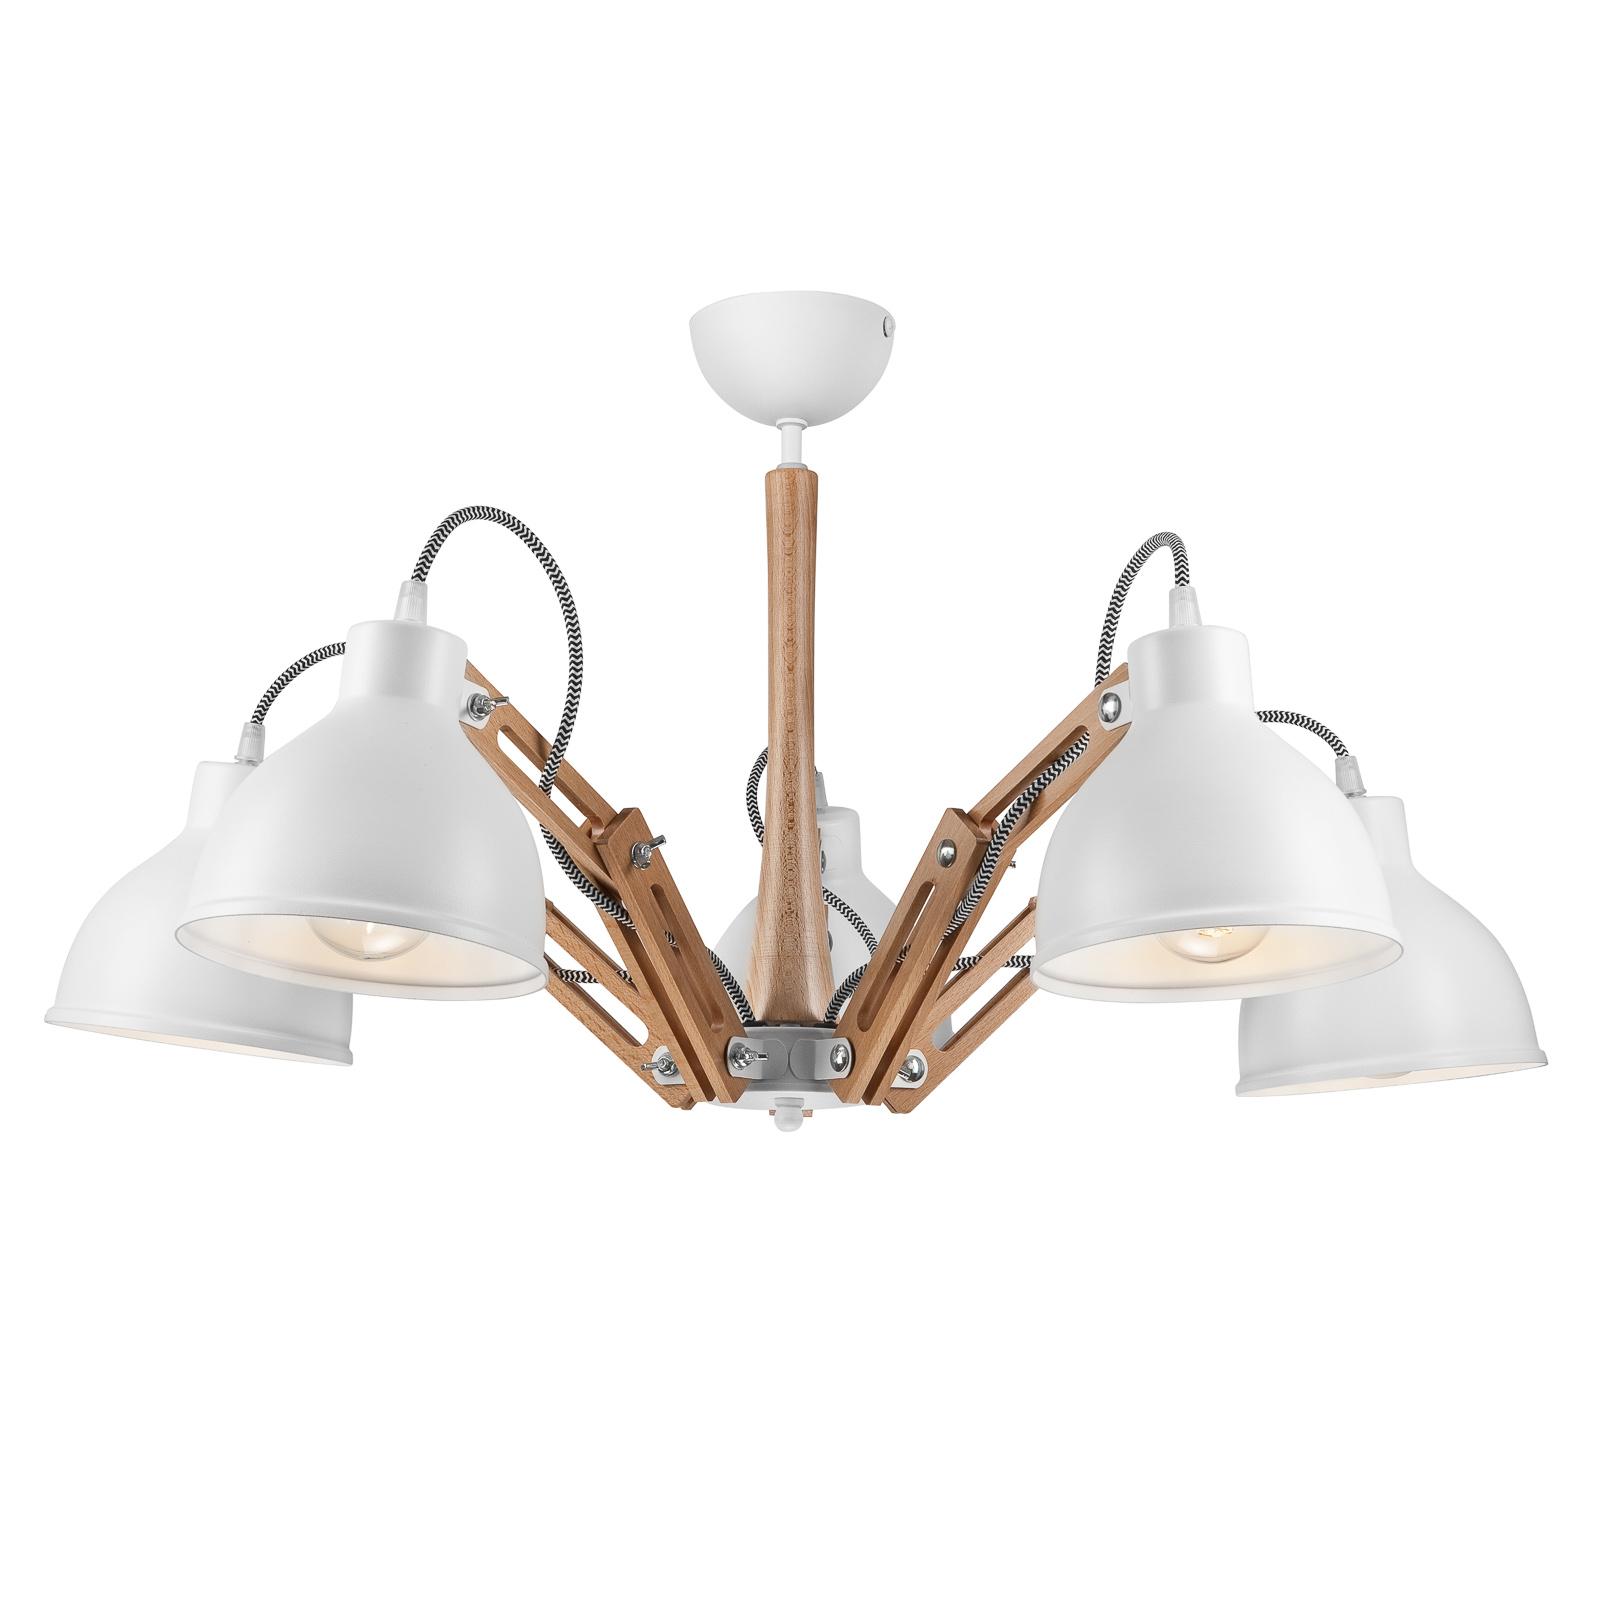 Skansen loftlampe, 5 lyskilder, justerbar, hvid